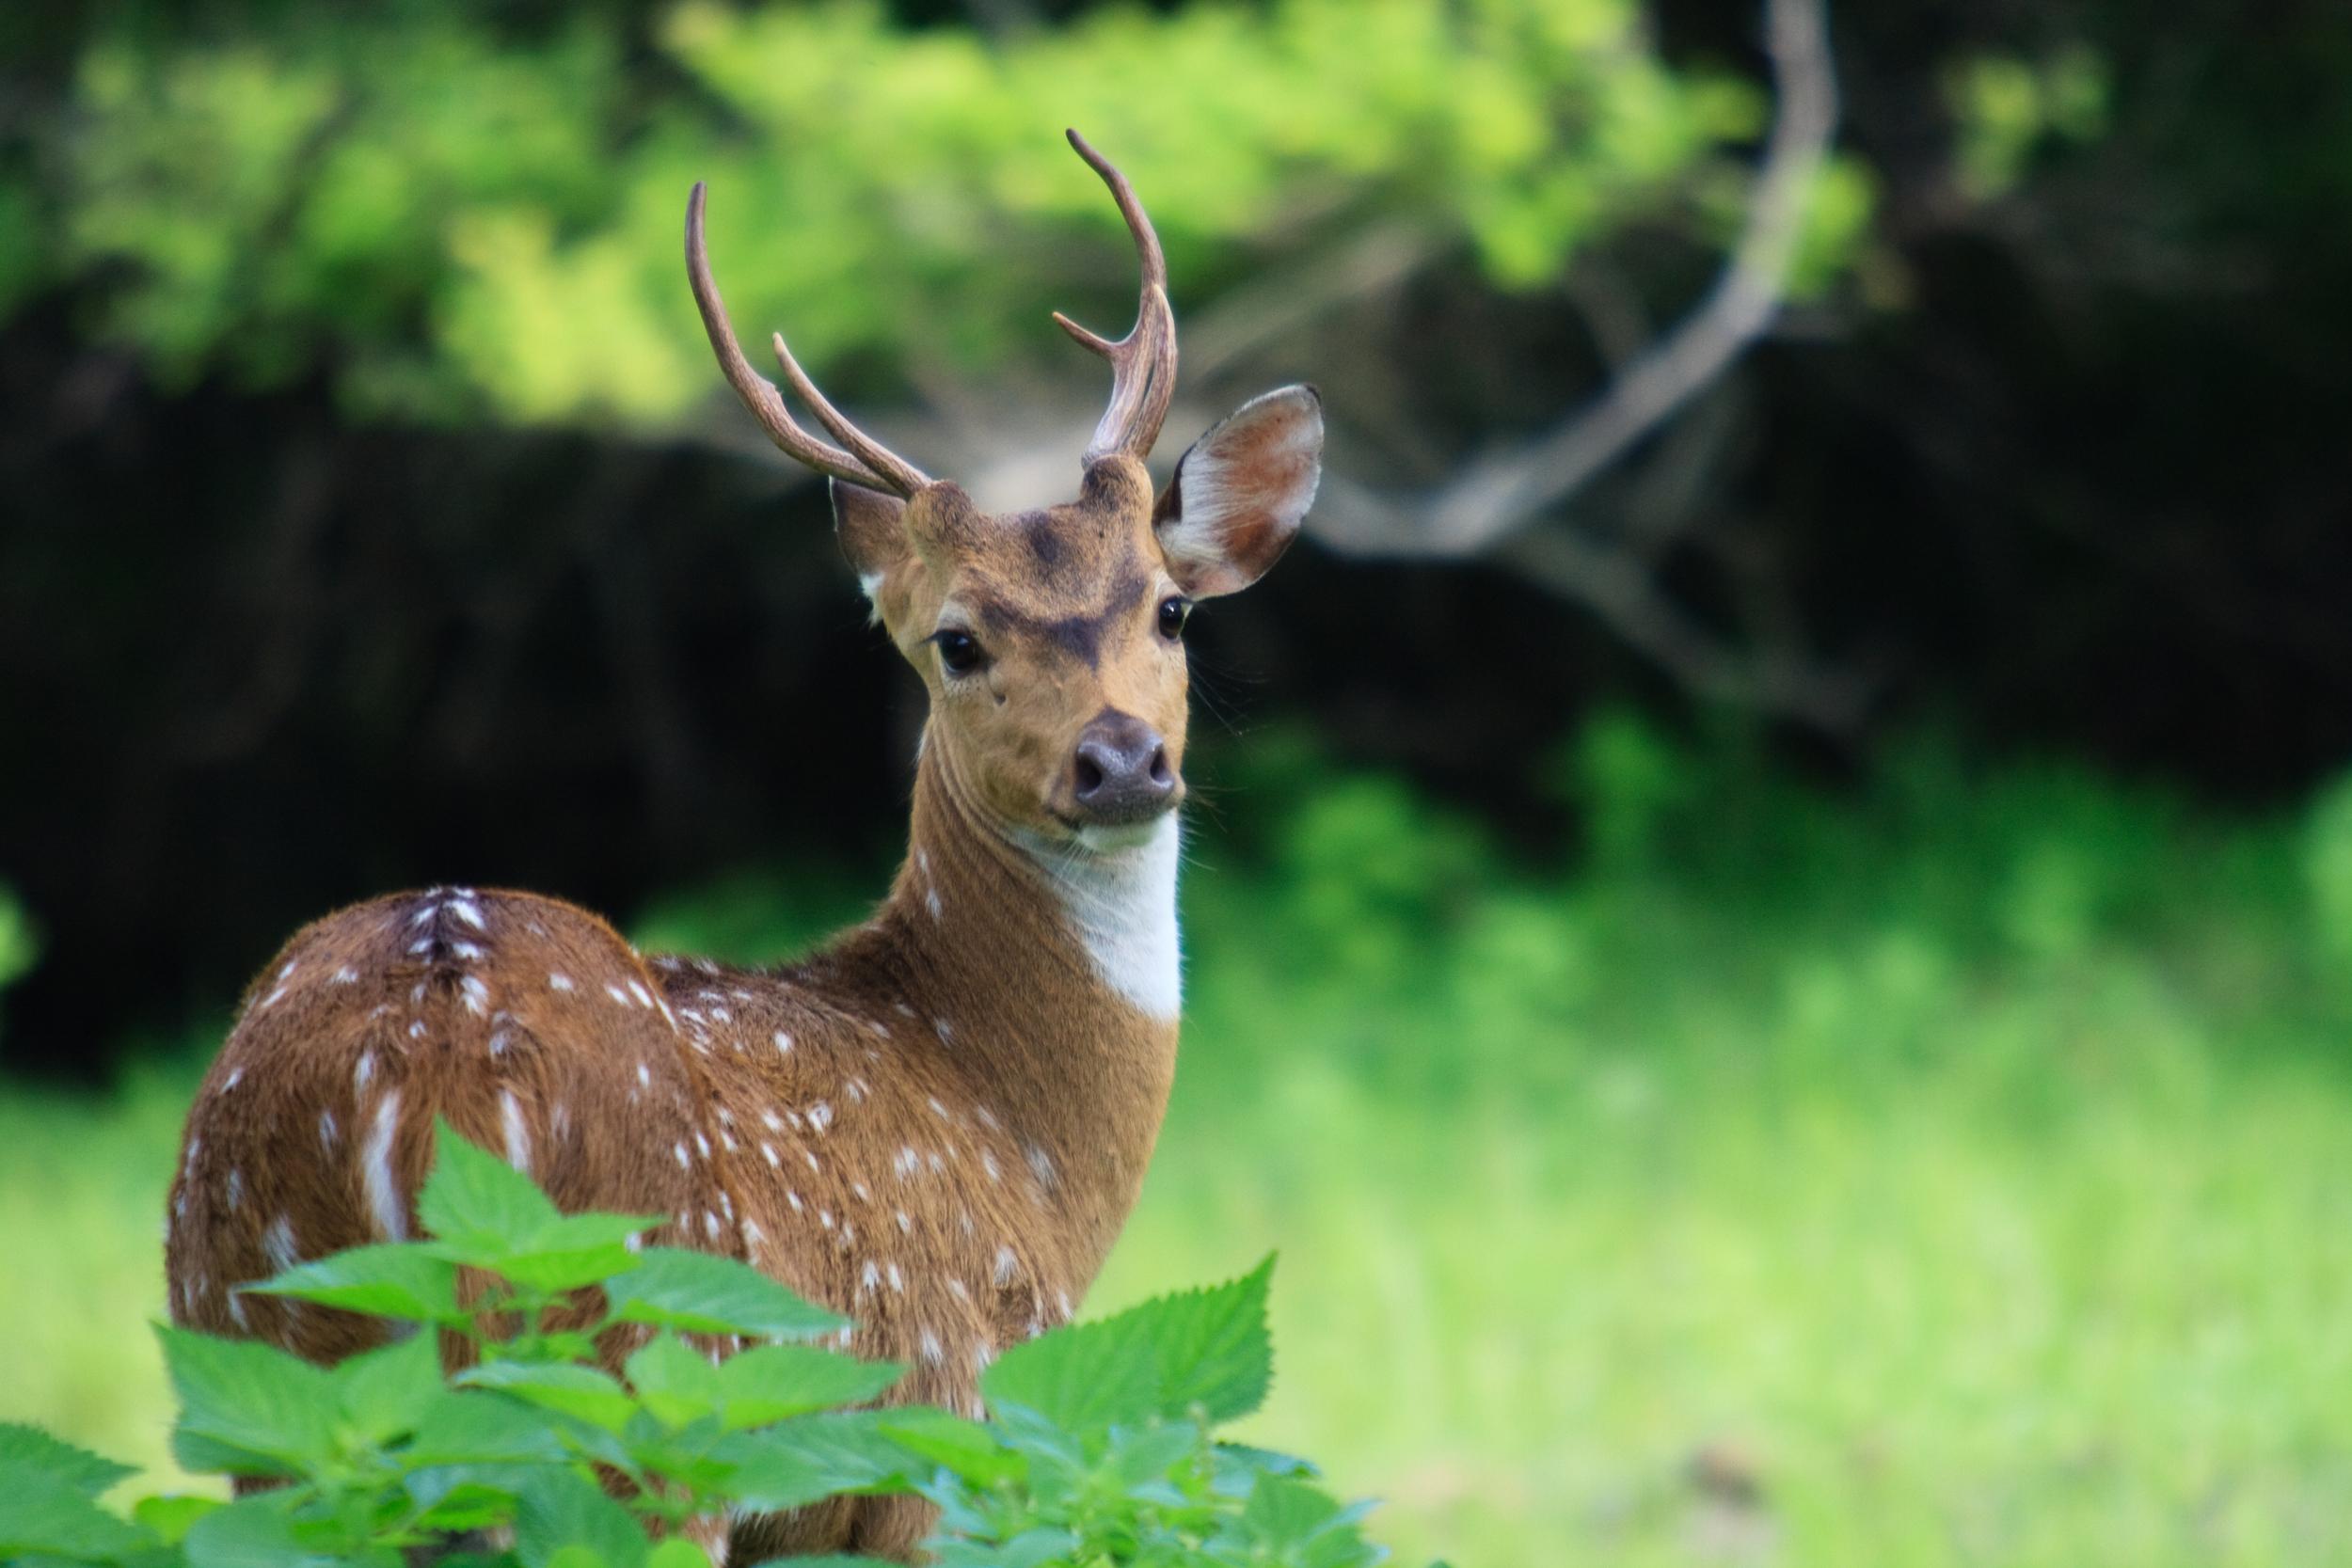 invite-to-paradise-sri-lanka-honeymoon-holiday-wildlife-safari-spotted--deer.jpg